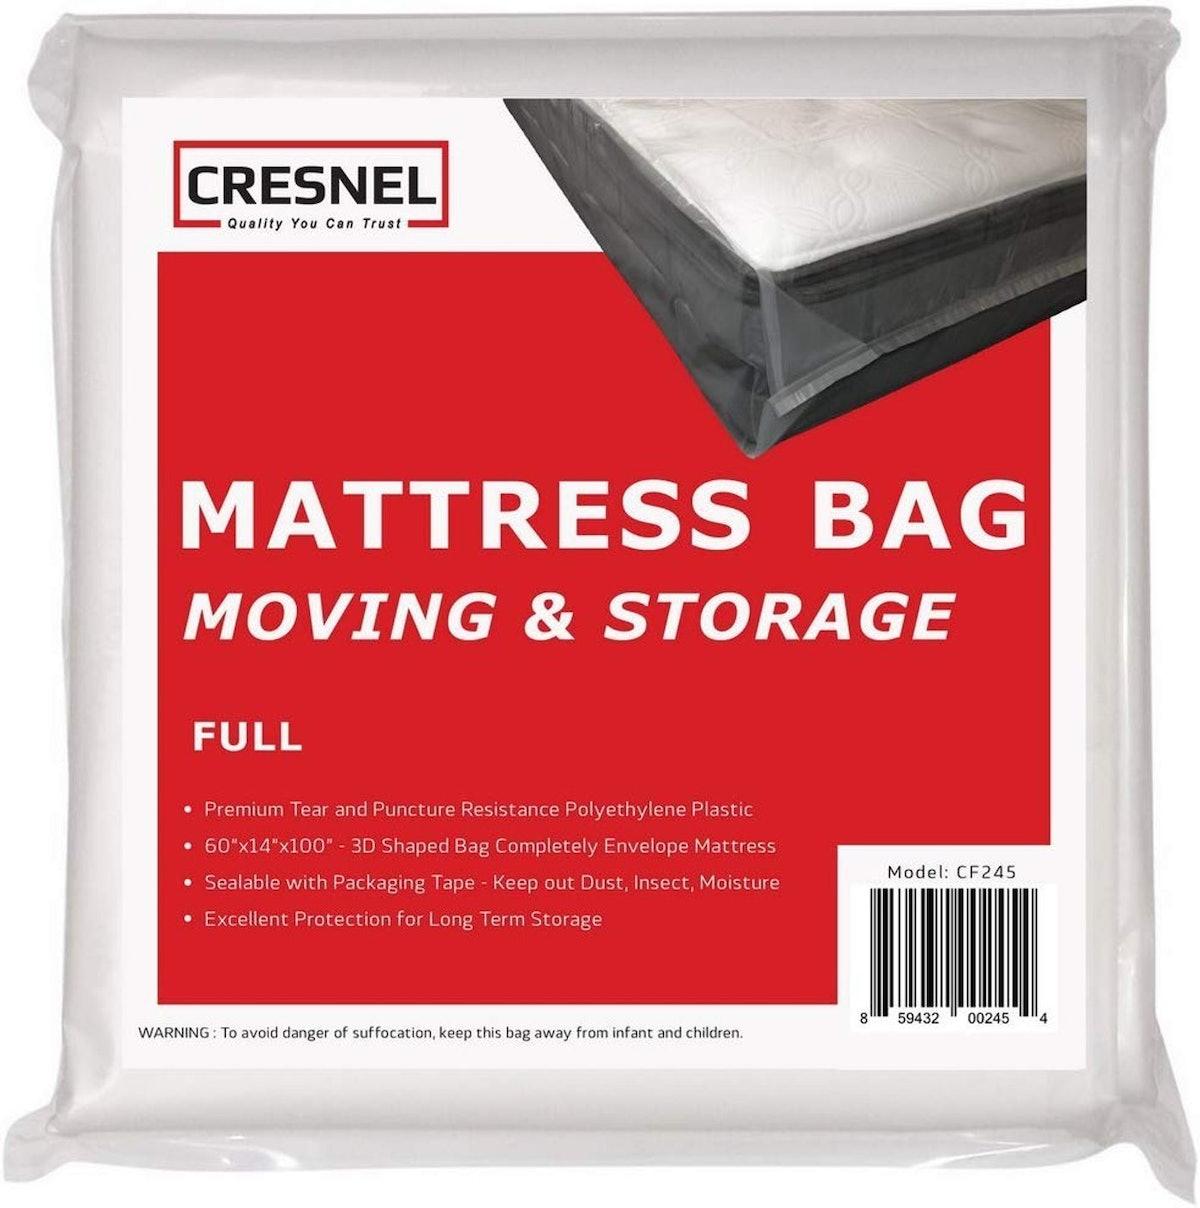 CRESNEL Full-Sized Mattress Bag